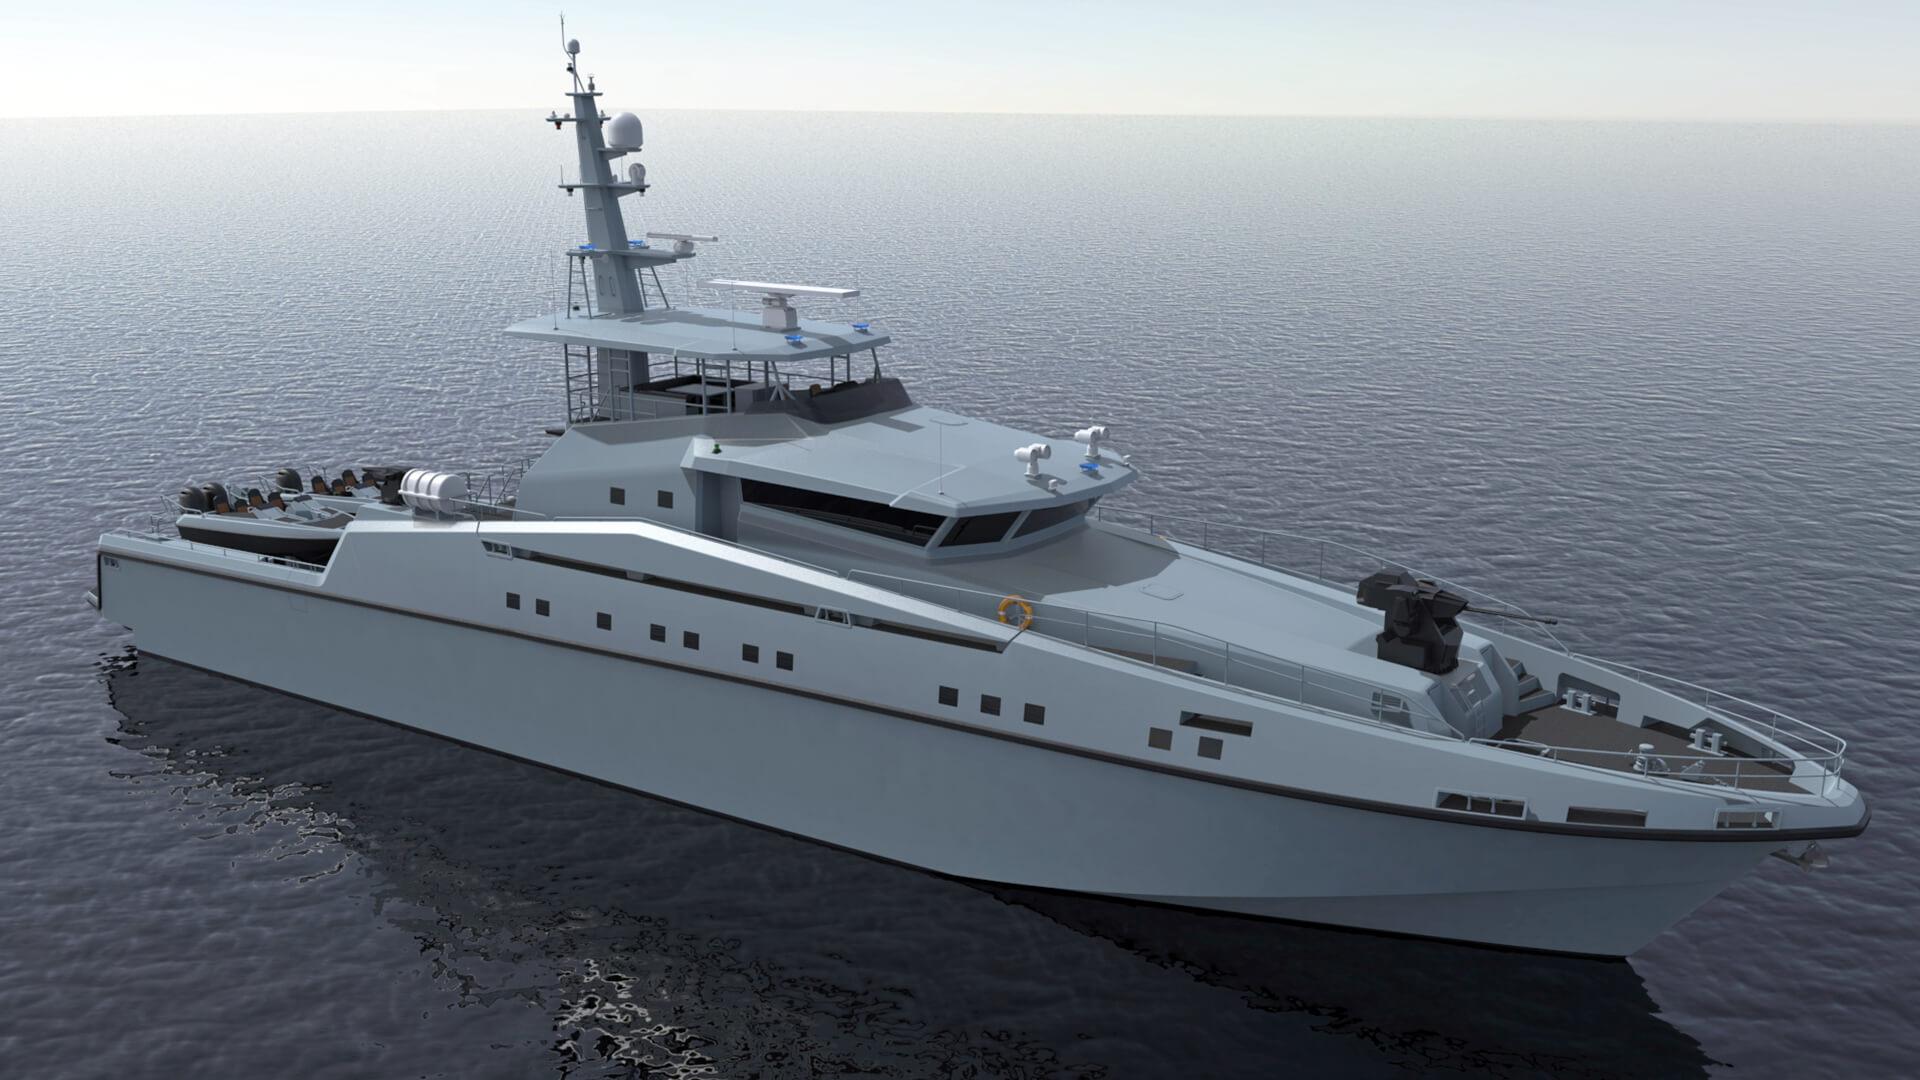 images/vessels/01-patrol-craft/02-series-hercules/02-ares-140-hercules/01.jpg